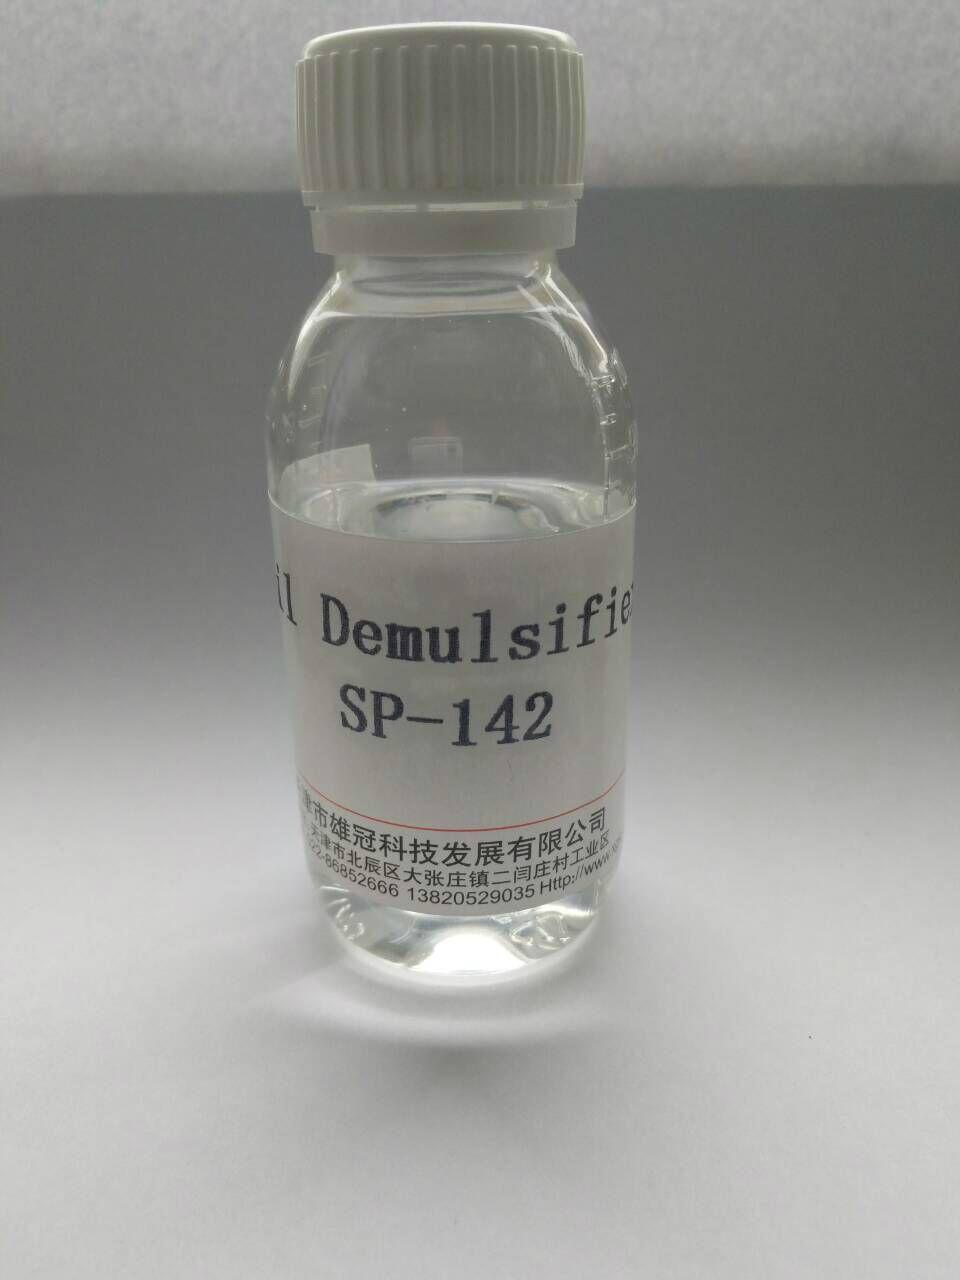 Demulsifier SP-142 1